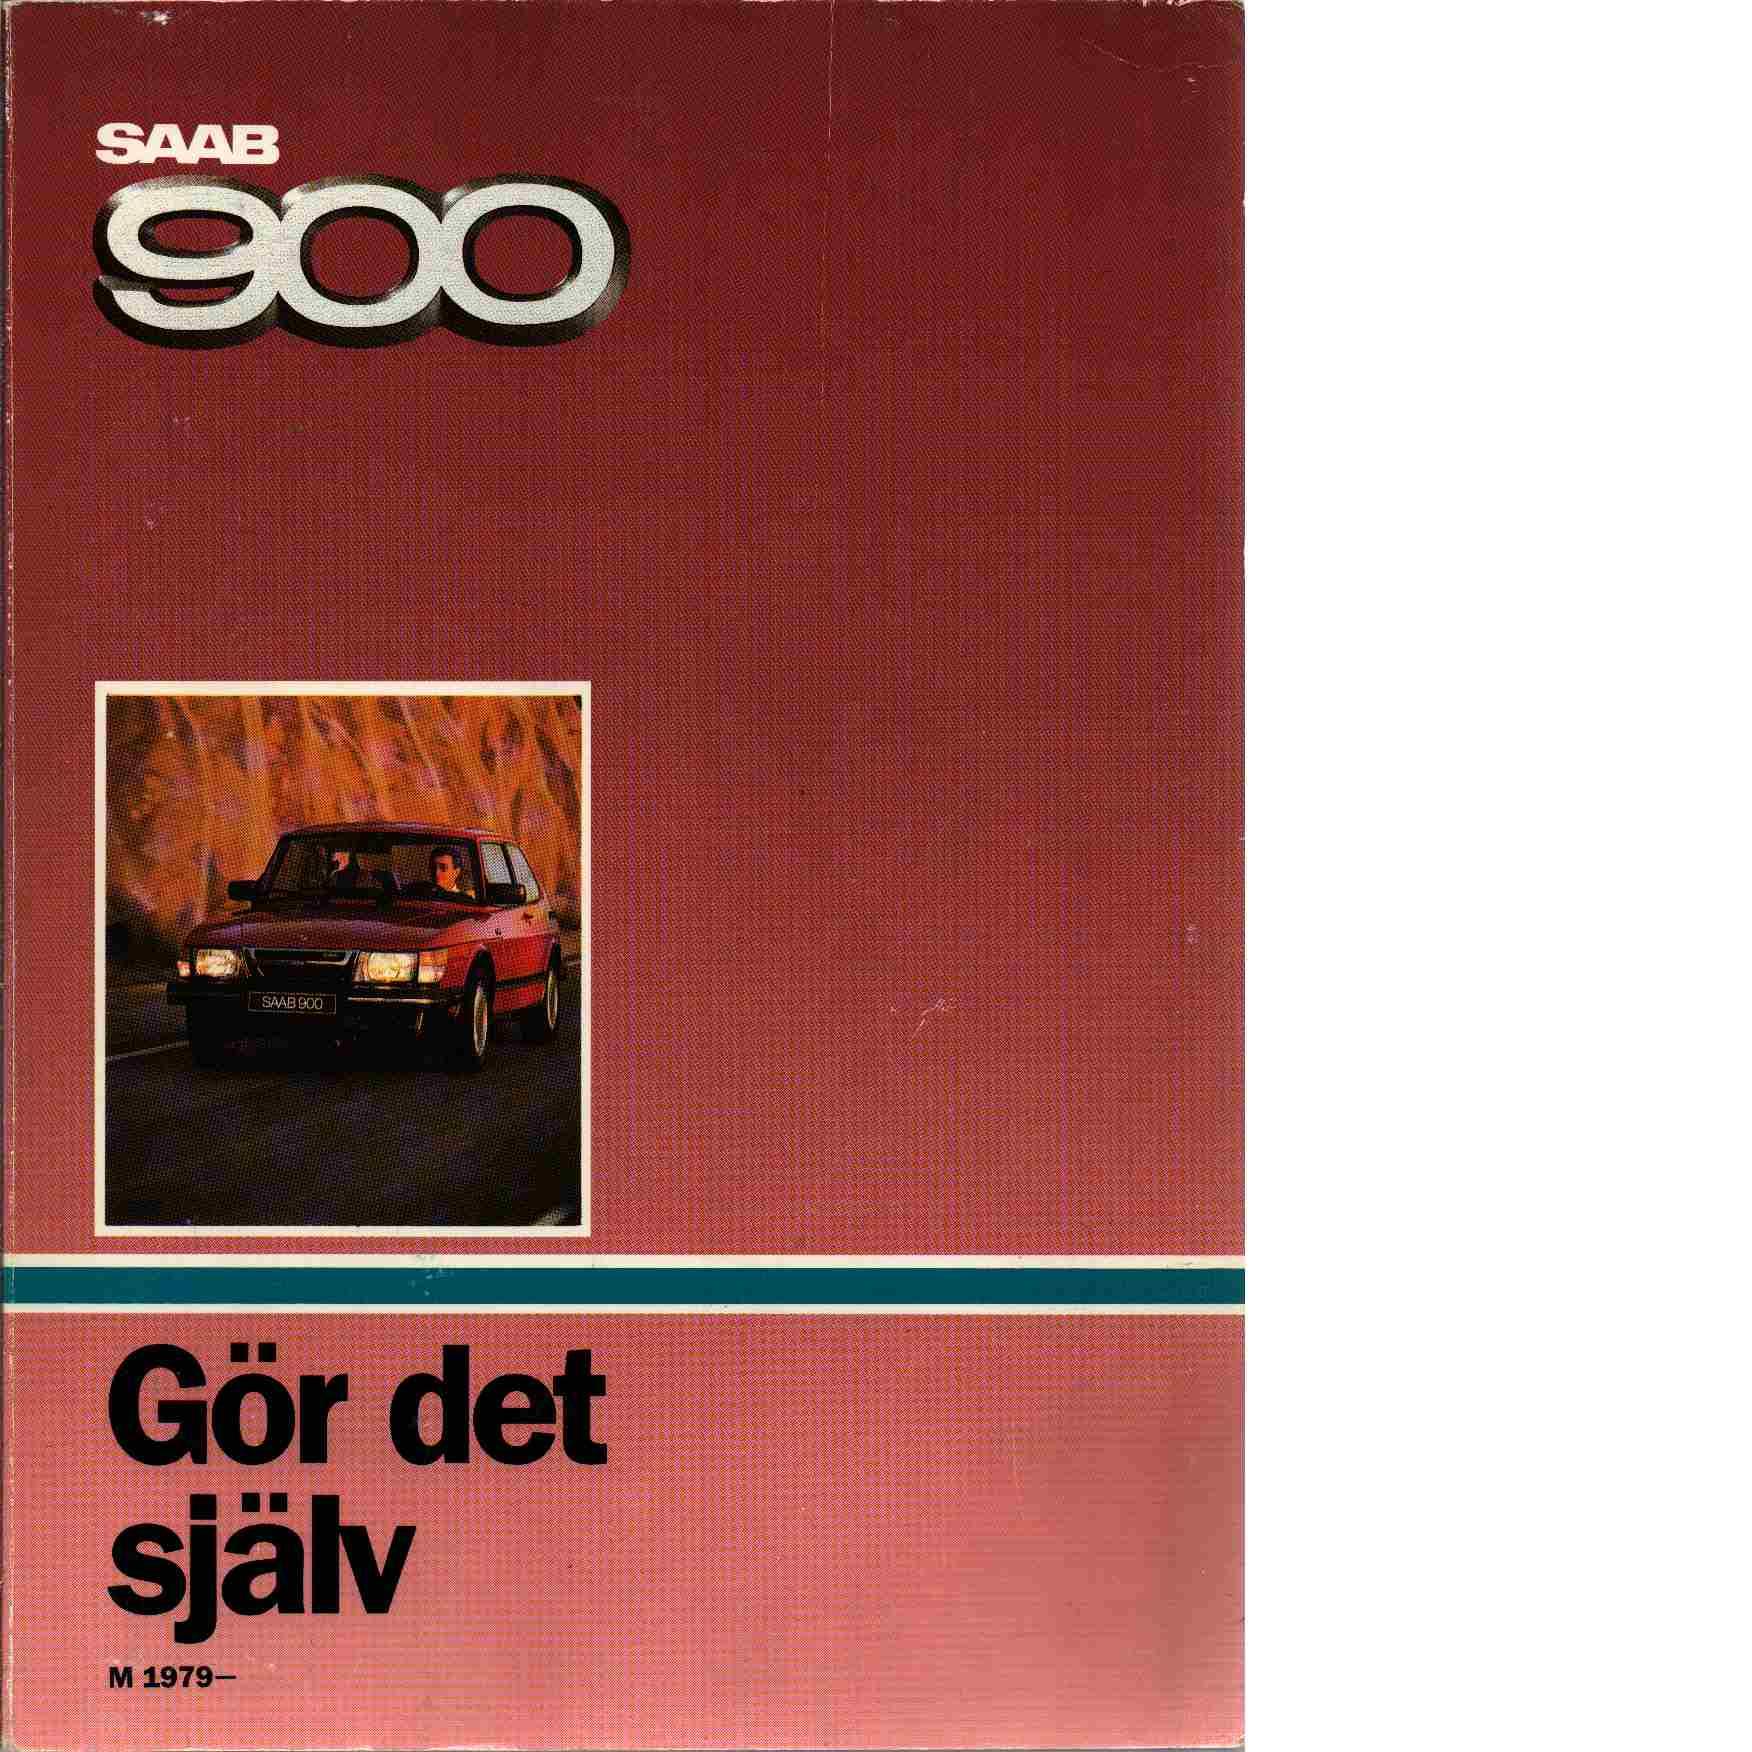 Gör det själv : Saab 900 : M 1979- - Saab-Scania